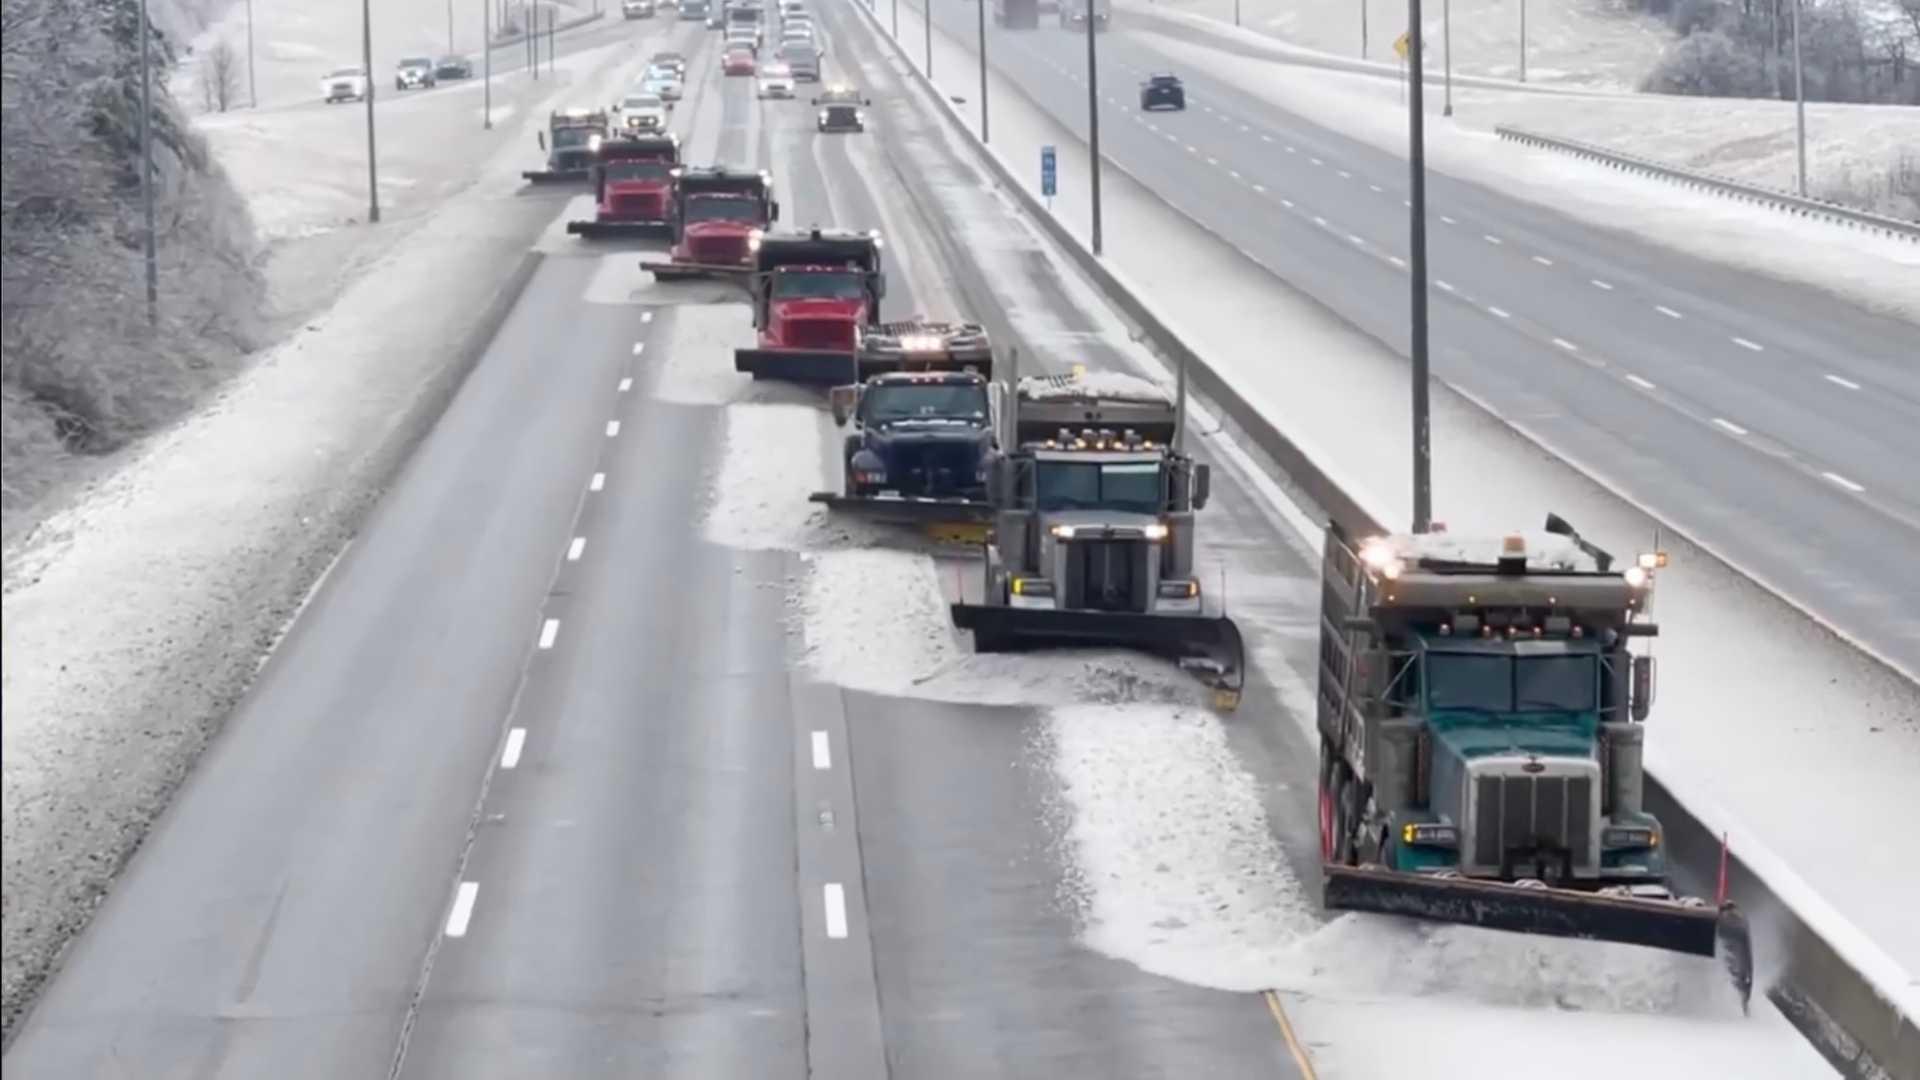 Посмотрите, как синхронизированные снегоочистители расчищают трехполосное шоссе Кентукки